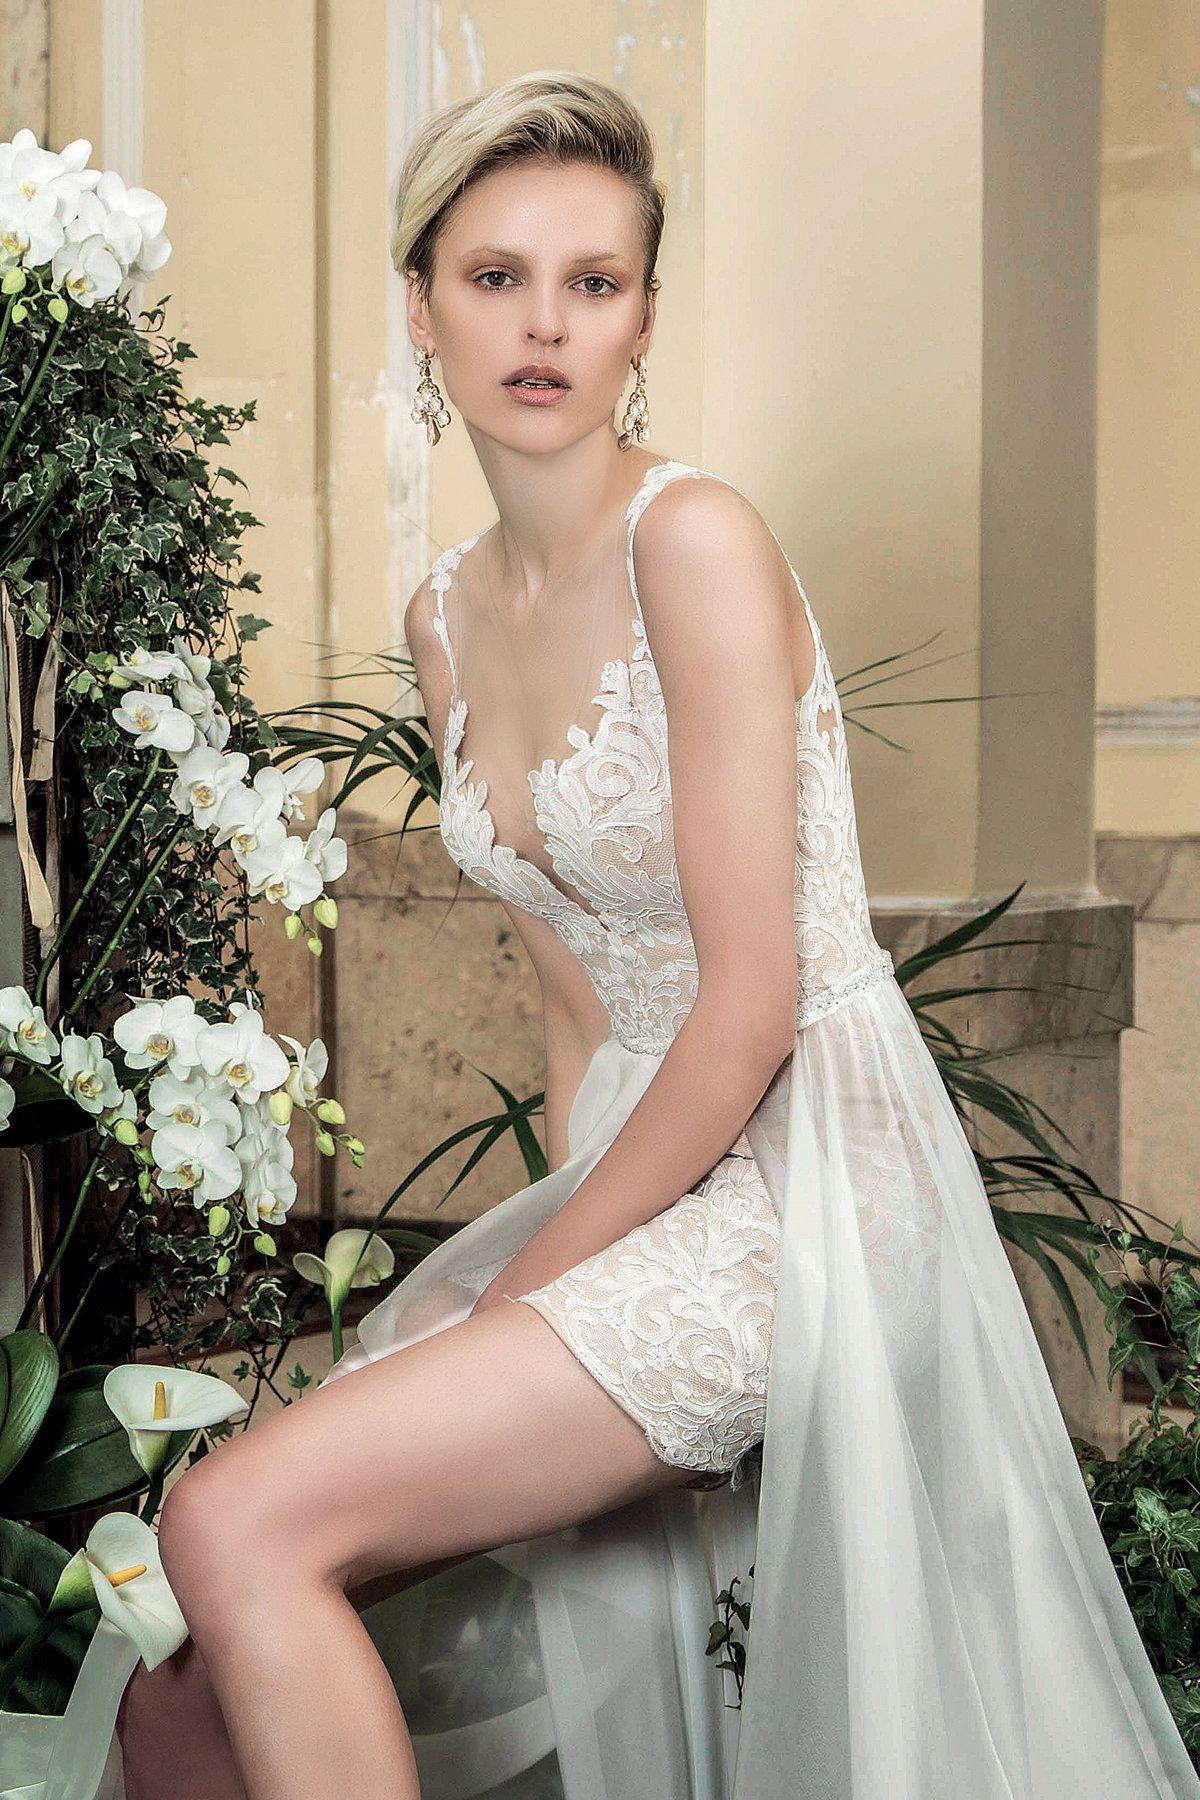 a63c6ff47d76 Valentini ambra v1120 Abito da sposa corto con pizzo rebrodè. Base vestito  color nude con